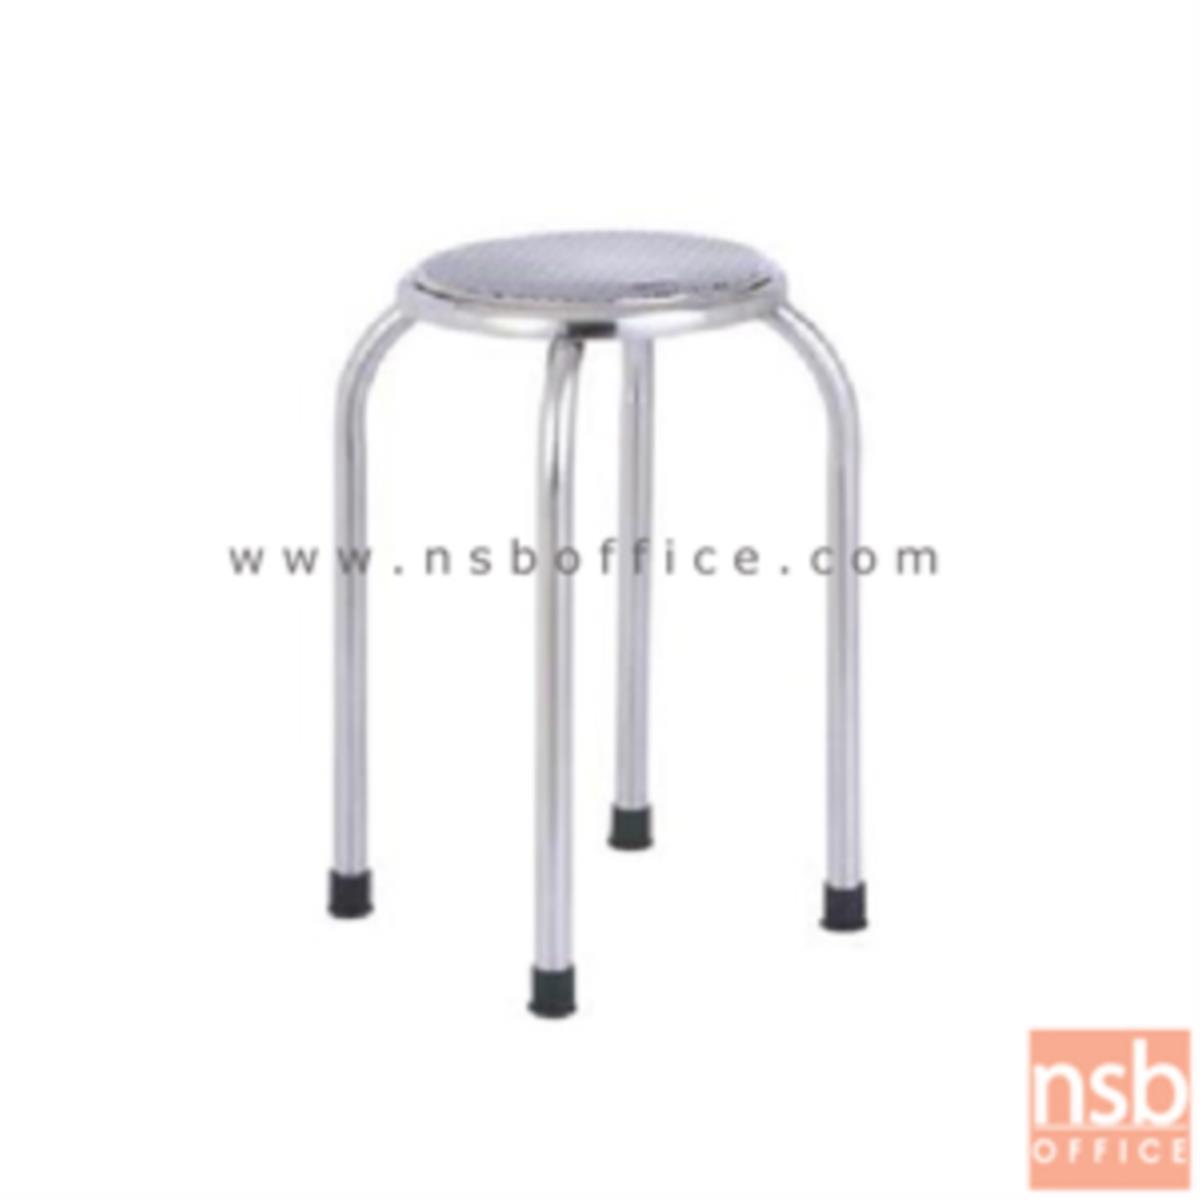 เก้าอี้สตูลกลมที่นั่งสเตนเลส รุ่น Sargant (ซาแกนต์) 28Di*49H cm. สเตนเลสล้วน